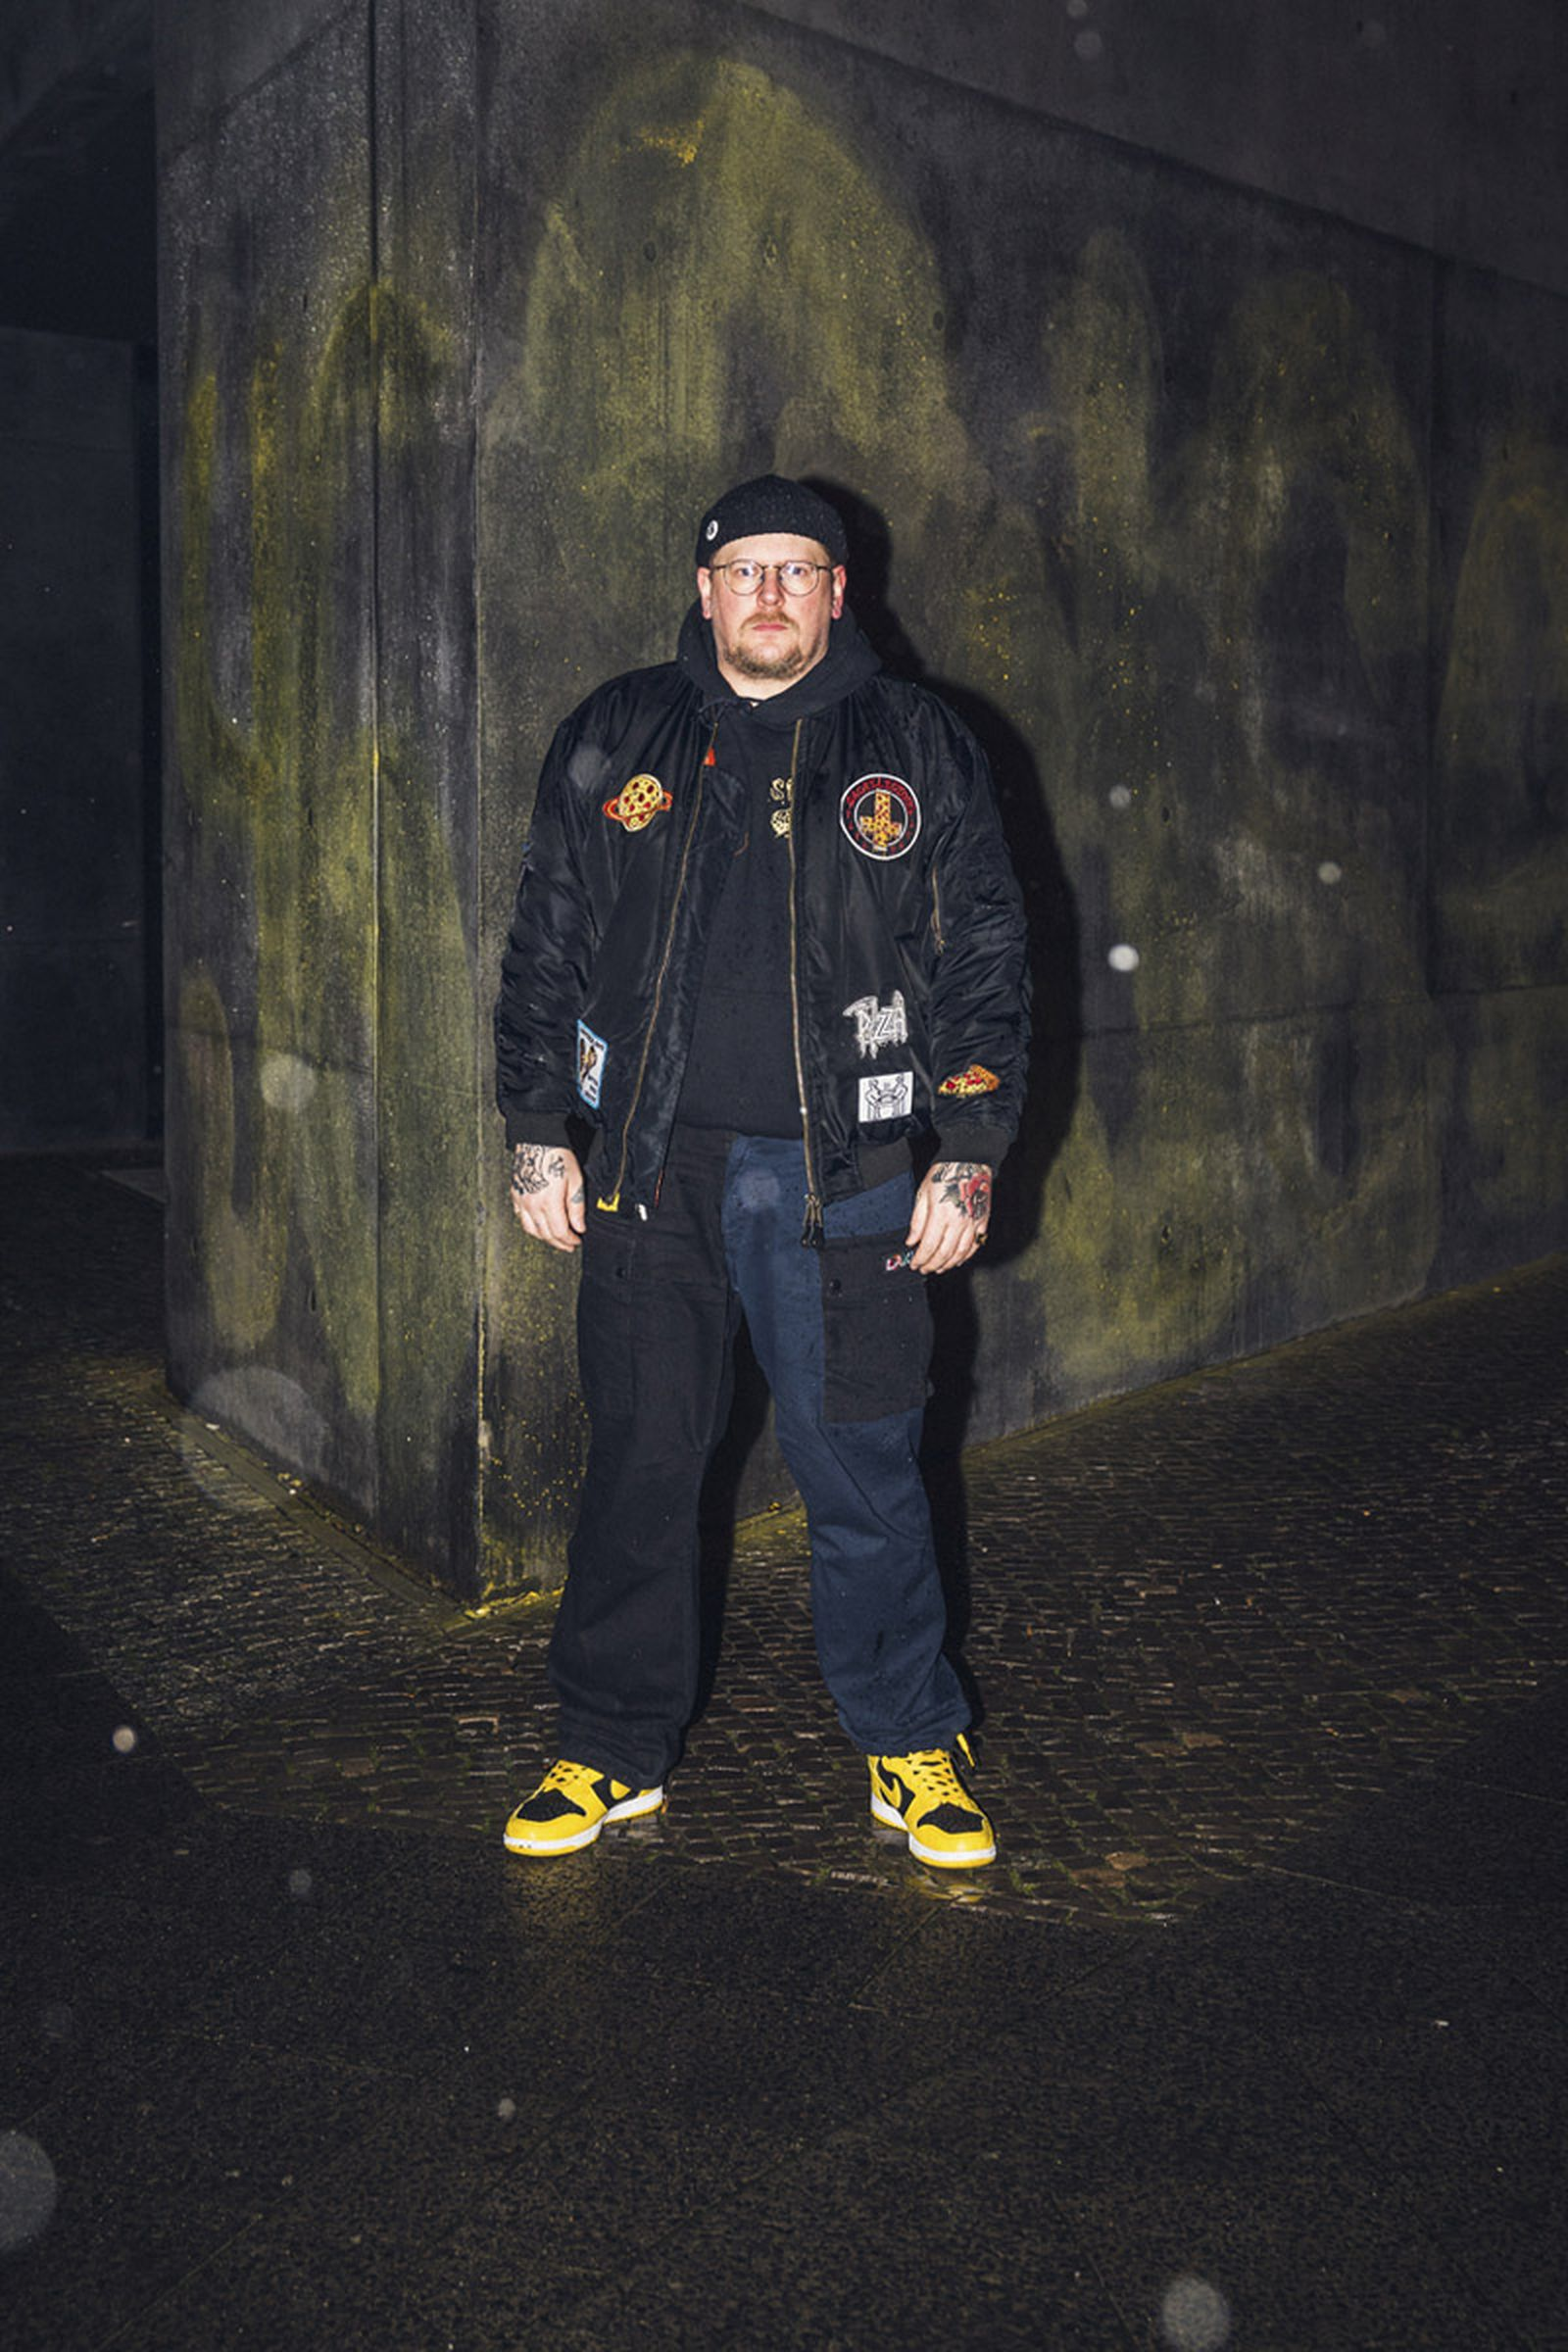 beinghunted-robert-smithson-not-in-paris-@dj_jns-800x1200